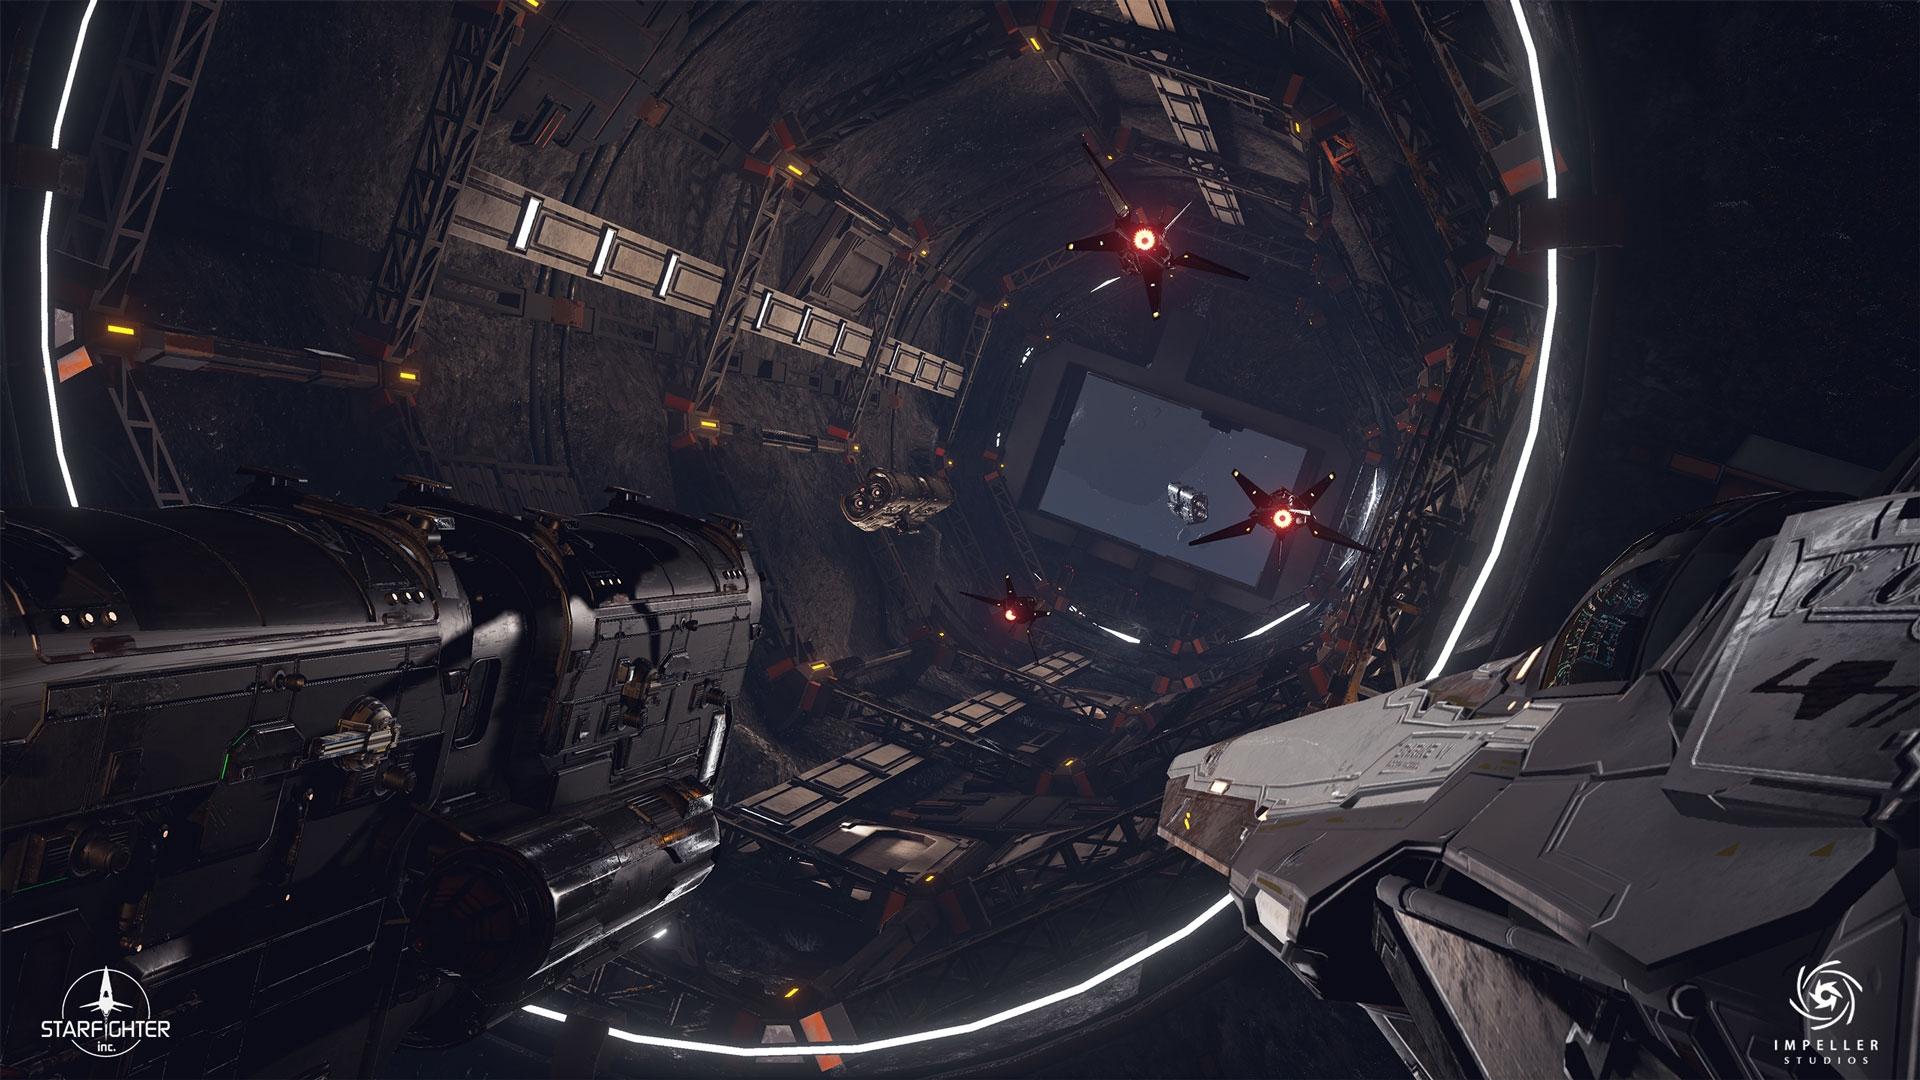 Космический симулятор In The Black получит поддержку трассировки лучей